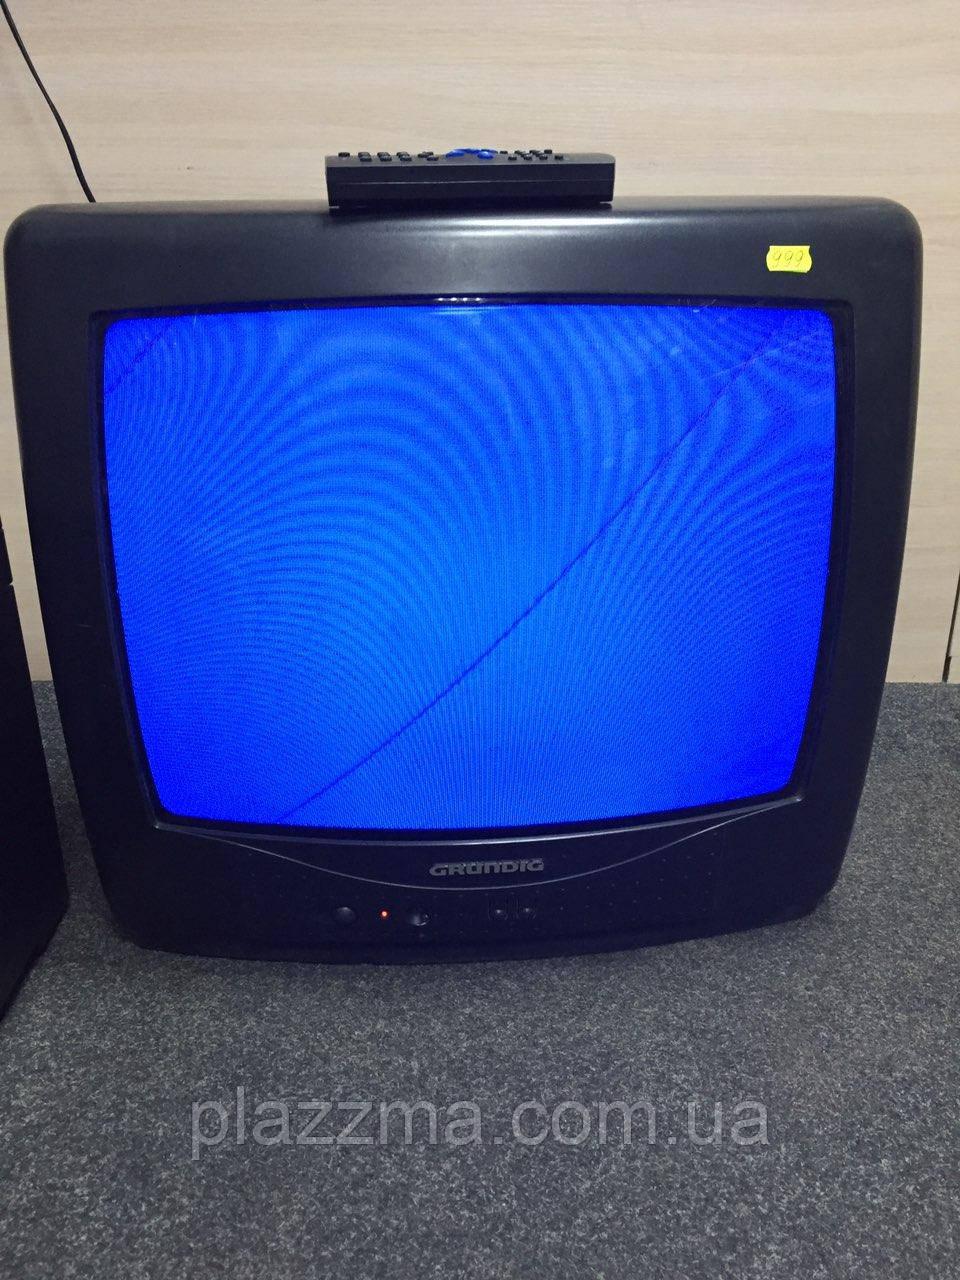 Телевизор Grundig T51-731 с гарантией от магазина